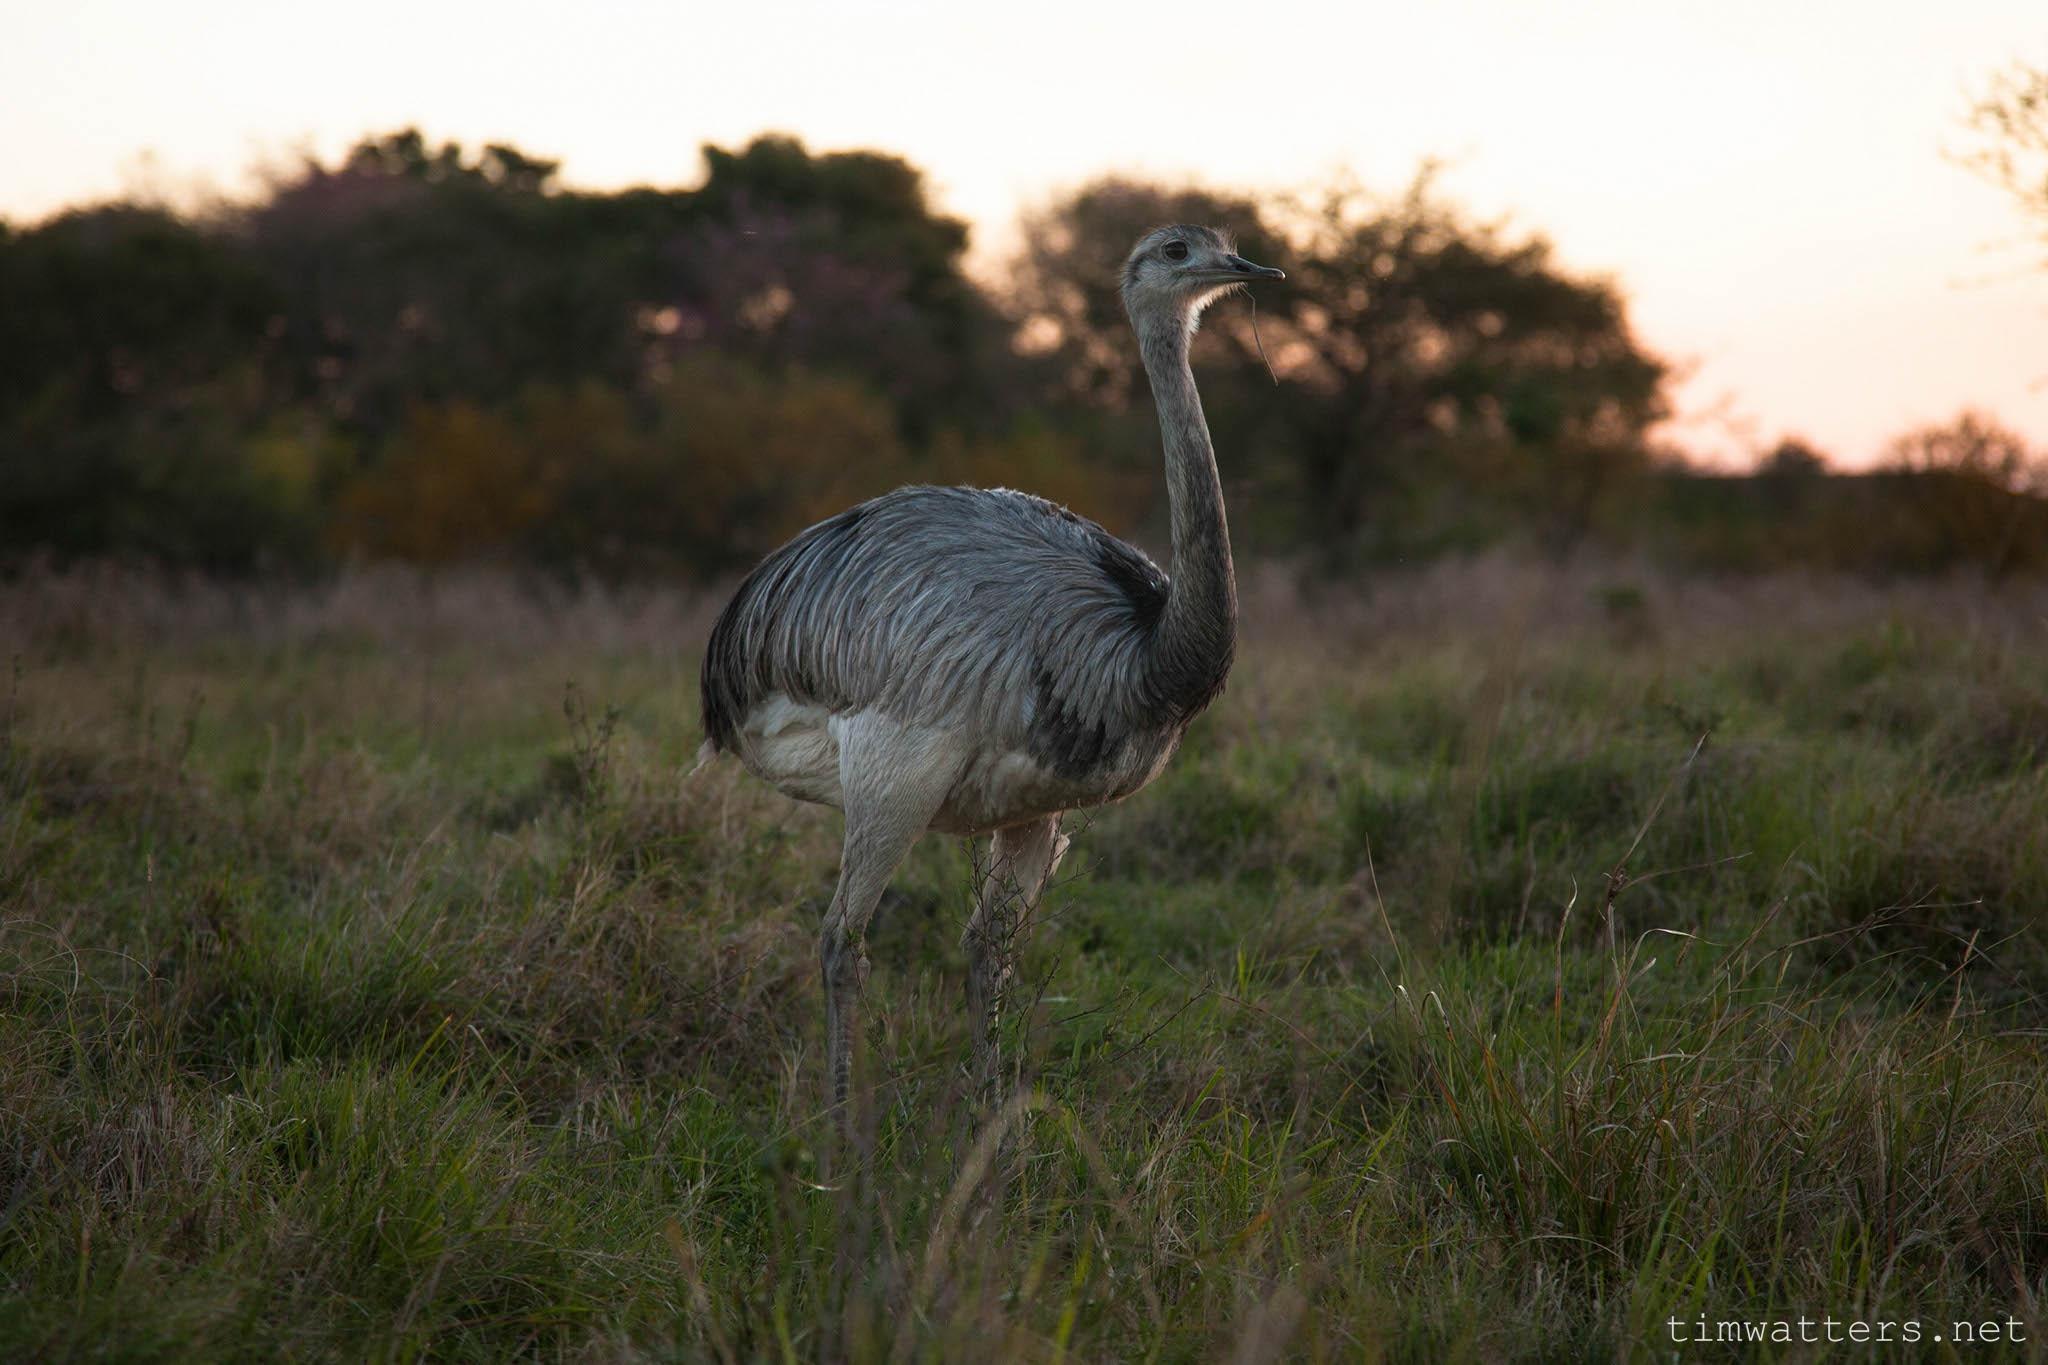 011-TimWatters-Ibera-Wildlife.jpg